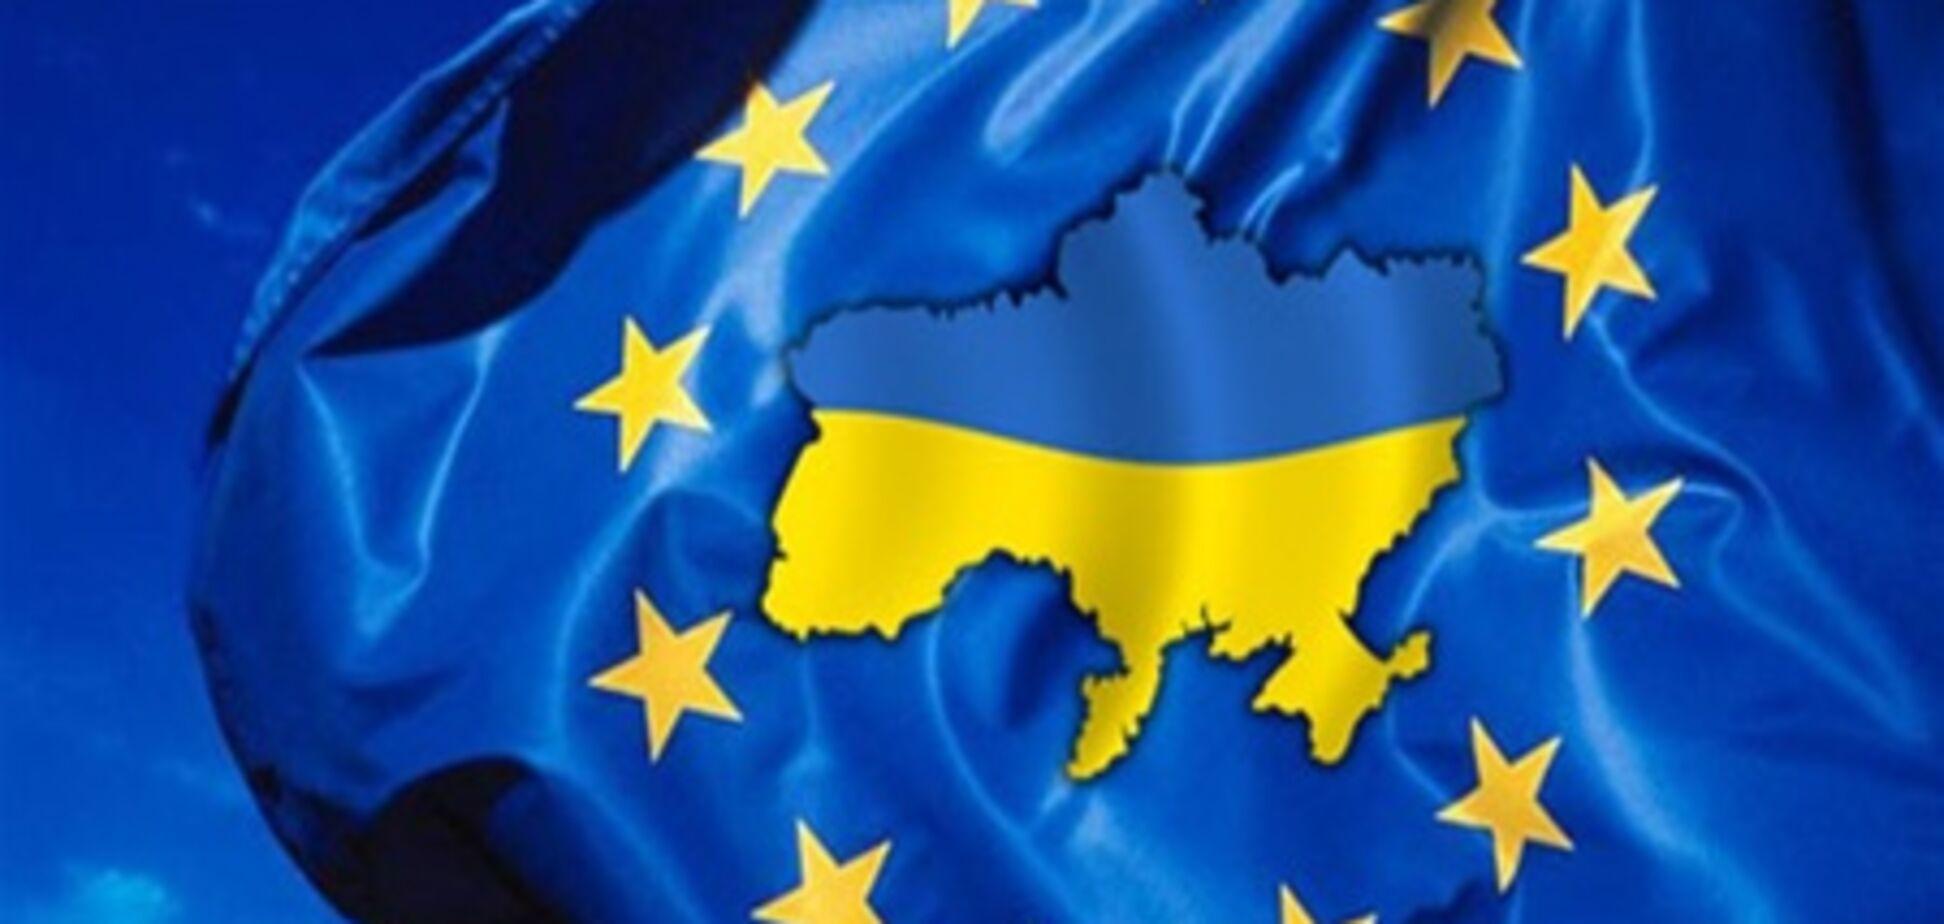 ЕС планирует подписать с Украиной Ассоциацию целиком